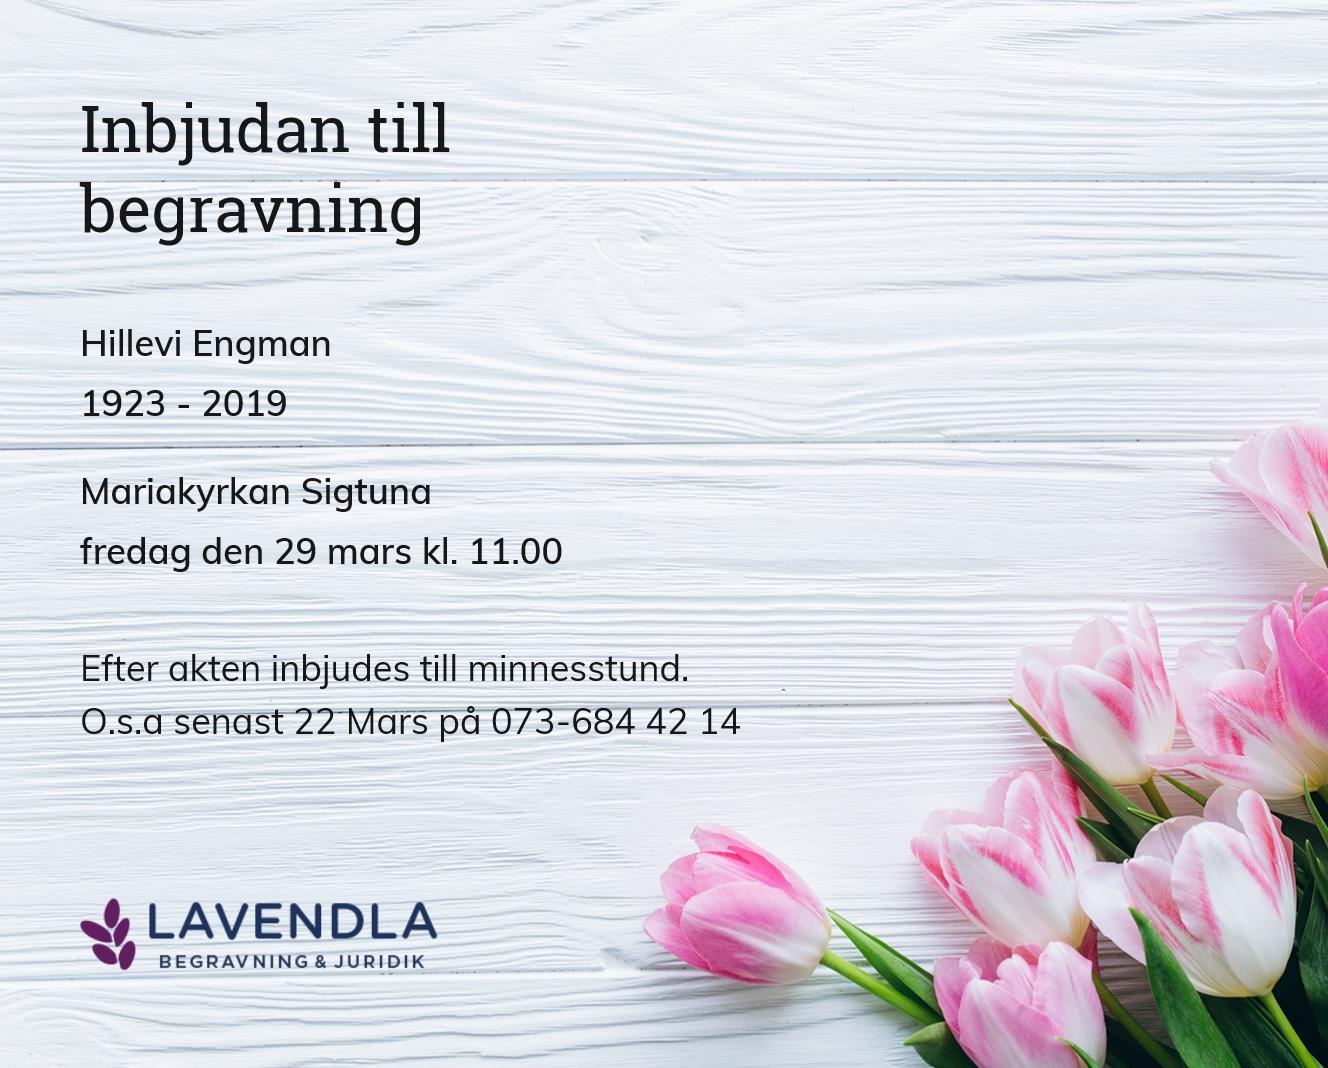 Inbjudningskort till ceremonin för Hillevi Engman